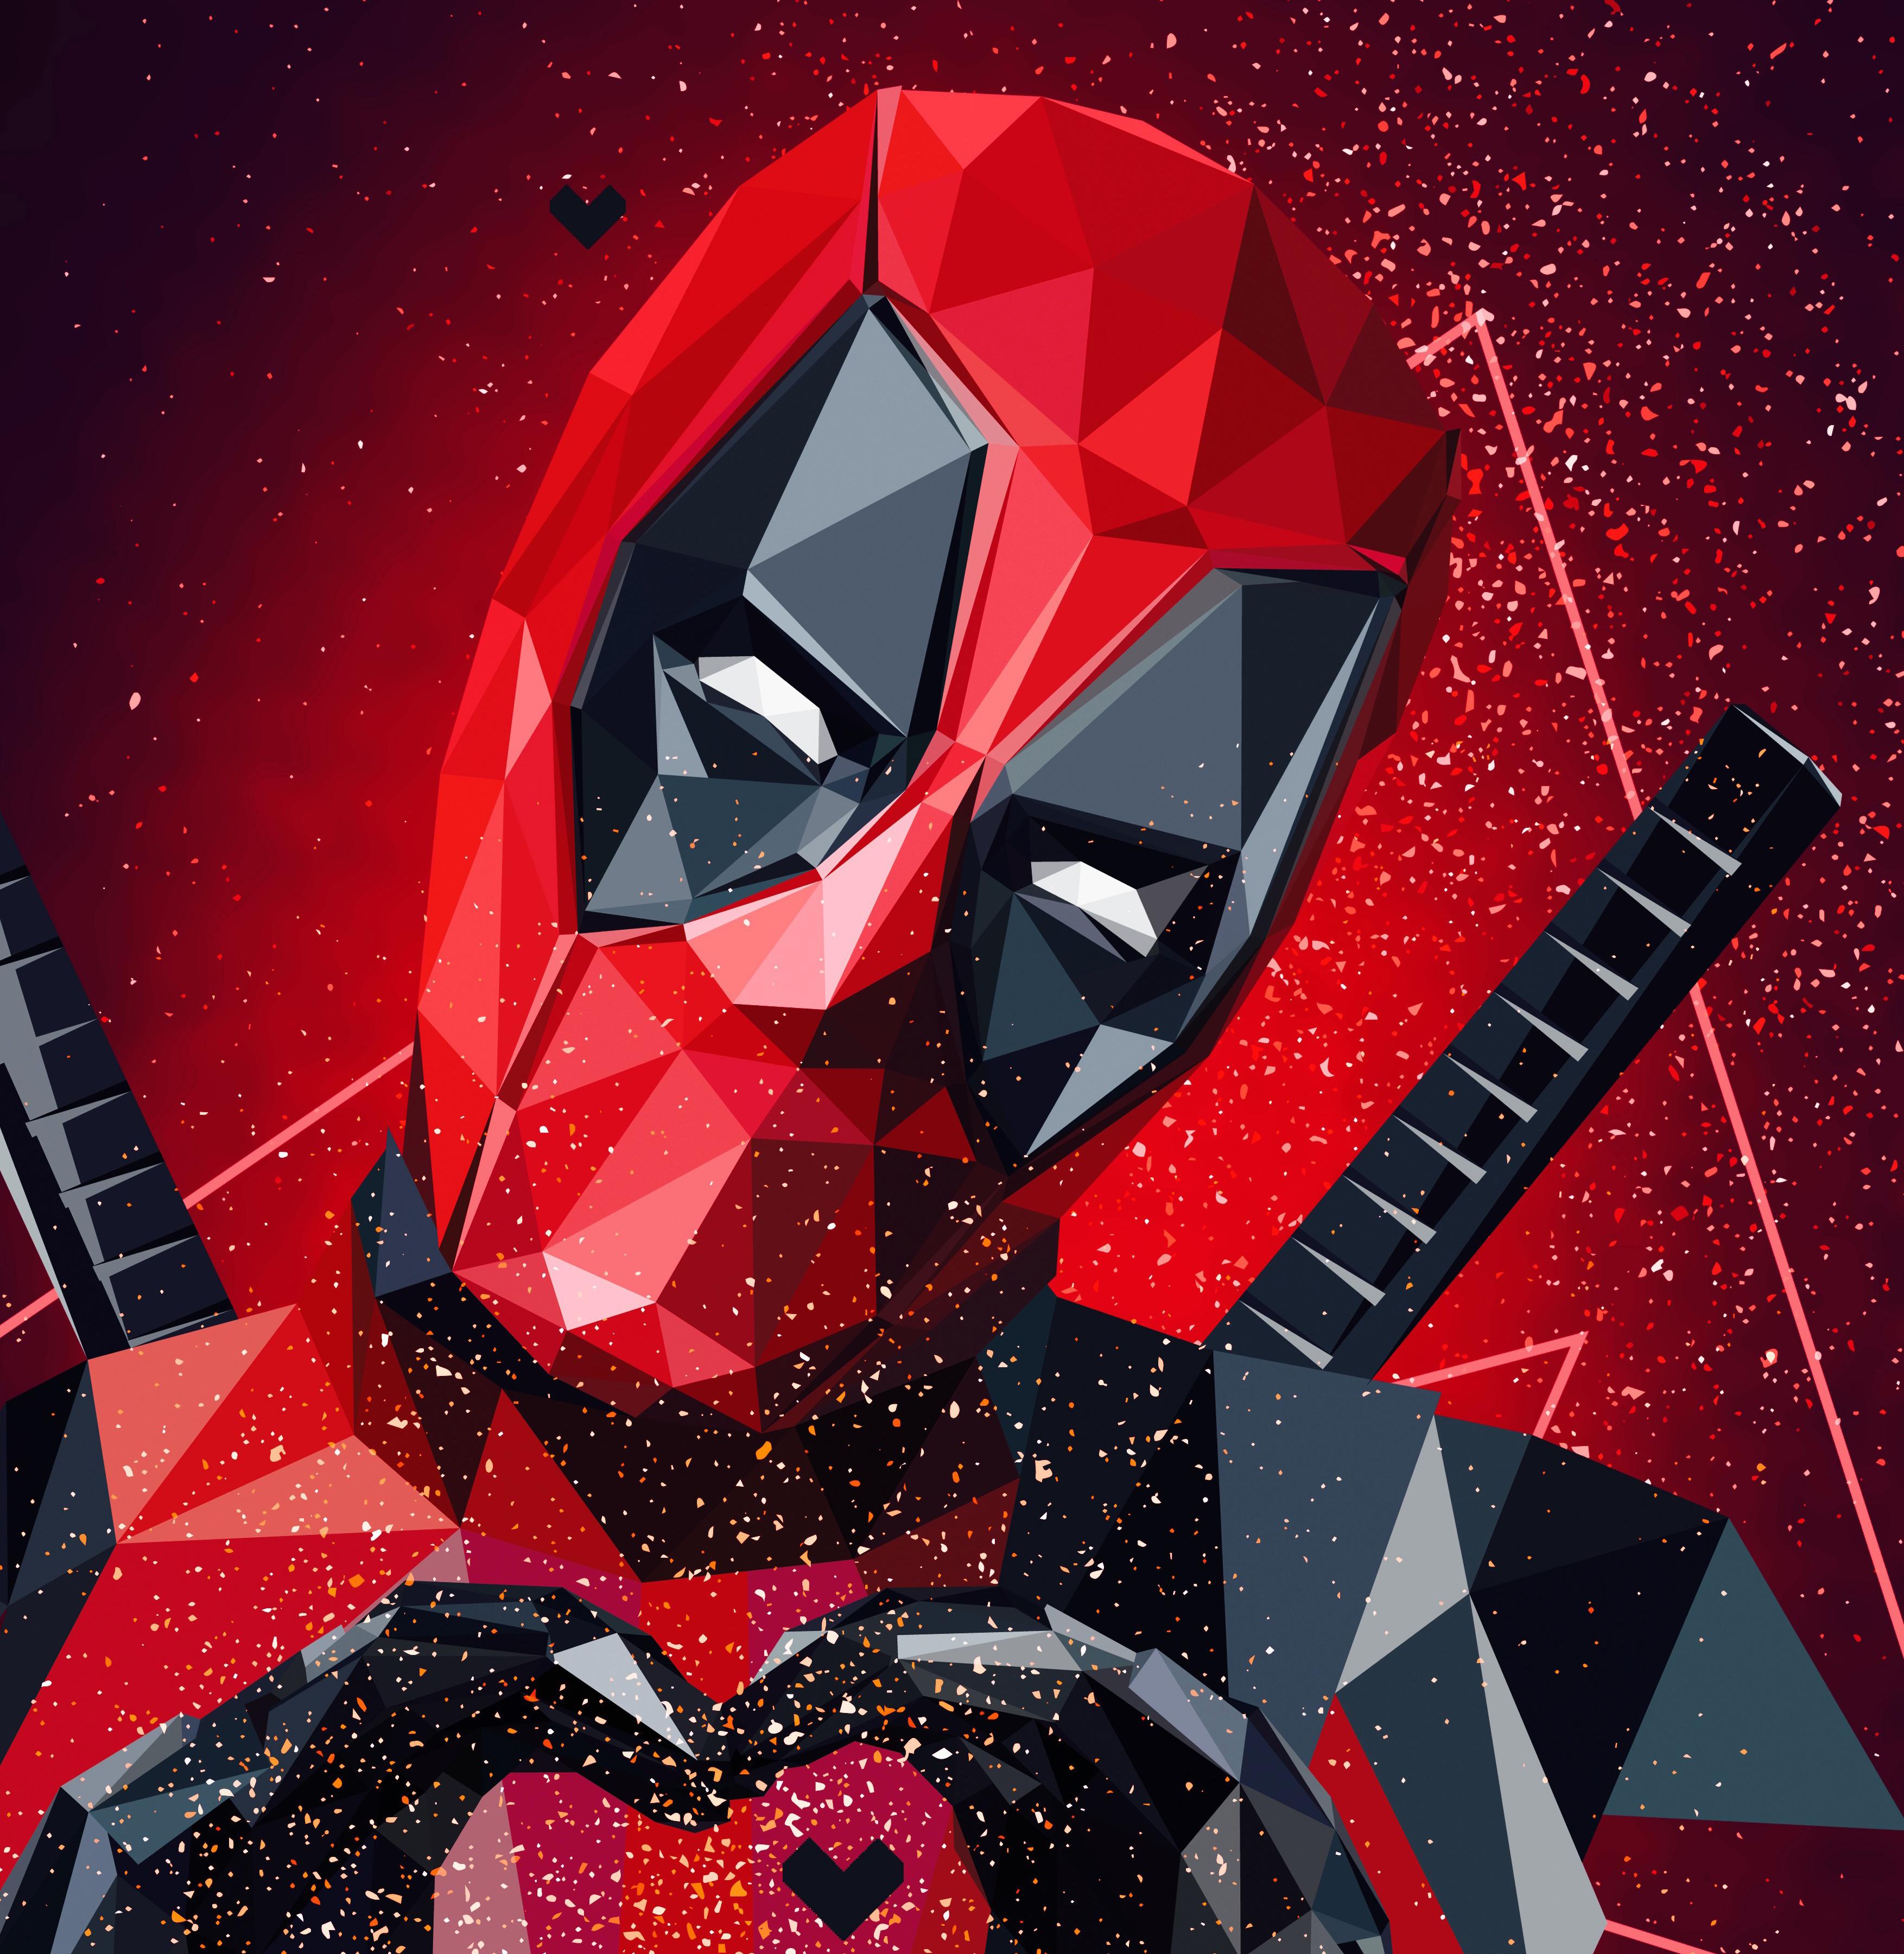 Deadpool Wallpaper 4k For Mobile 3508x3600 Wallpaper Teahub Io